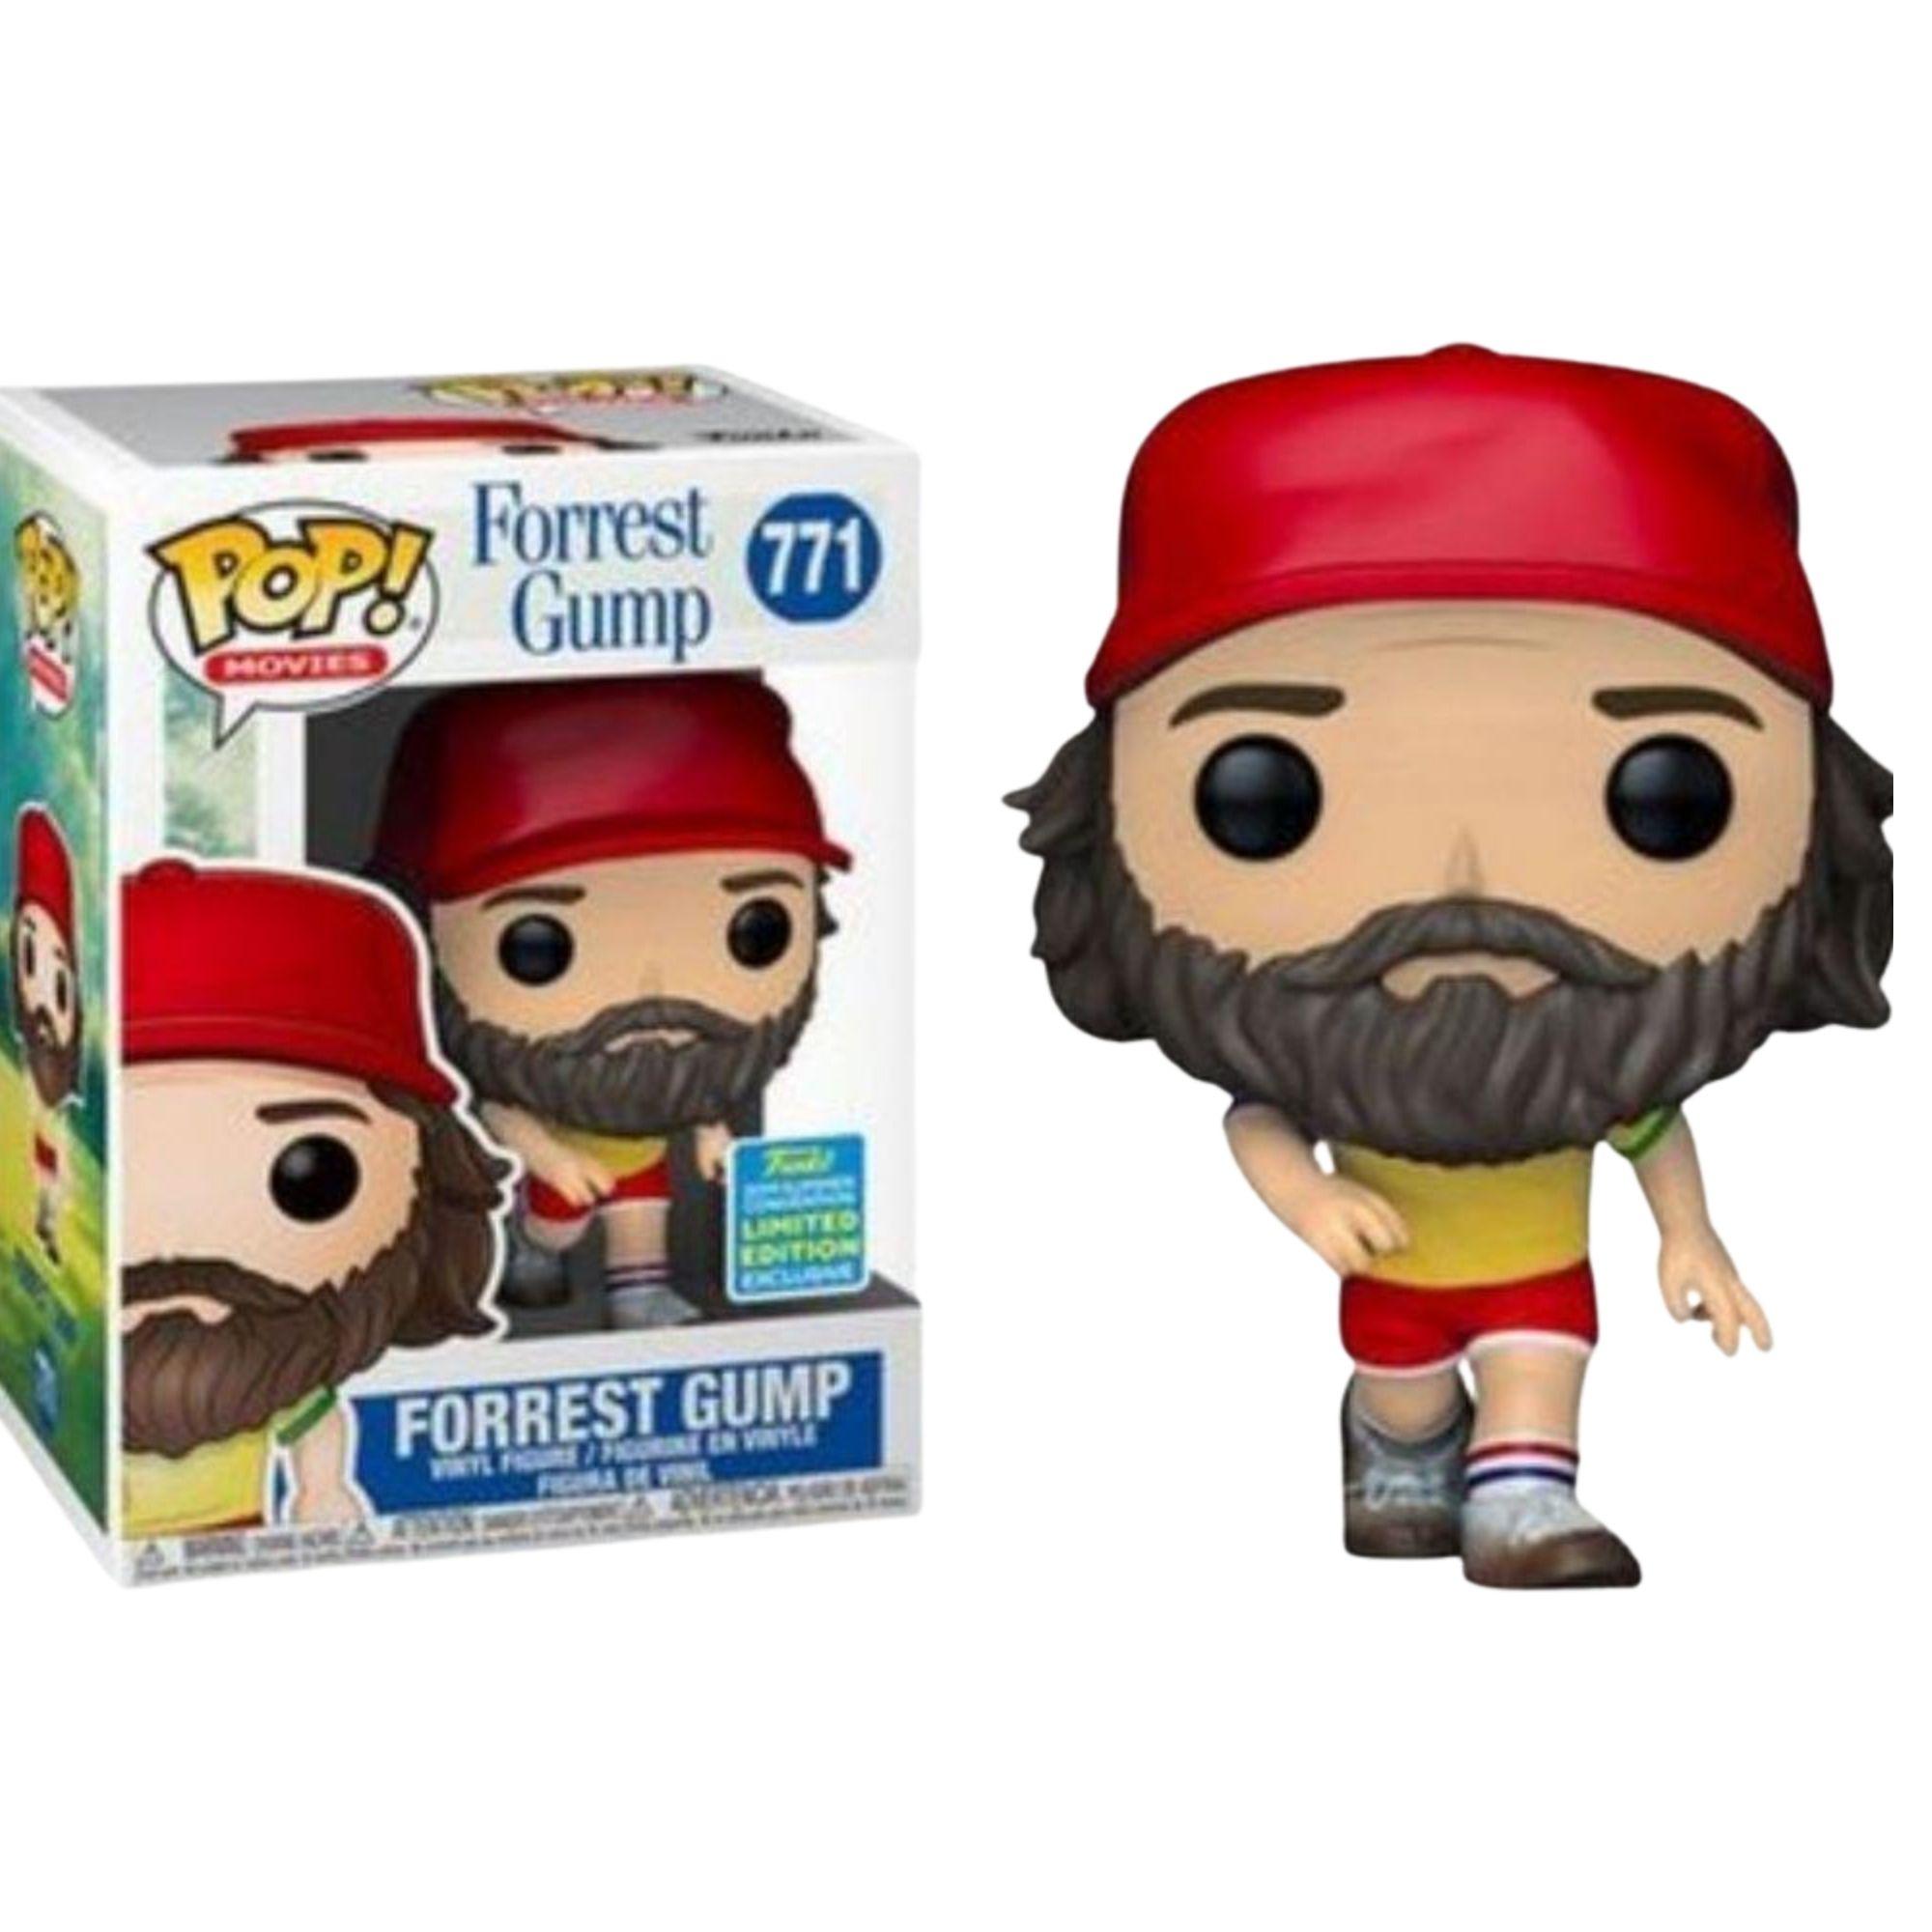 Funko Pop Forrest Gump #771 Corrida Edição Limitada  - Game Land Brinquedos